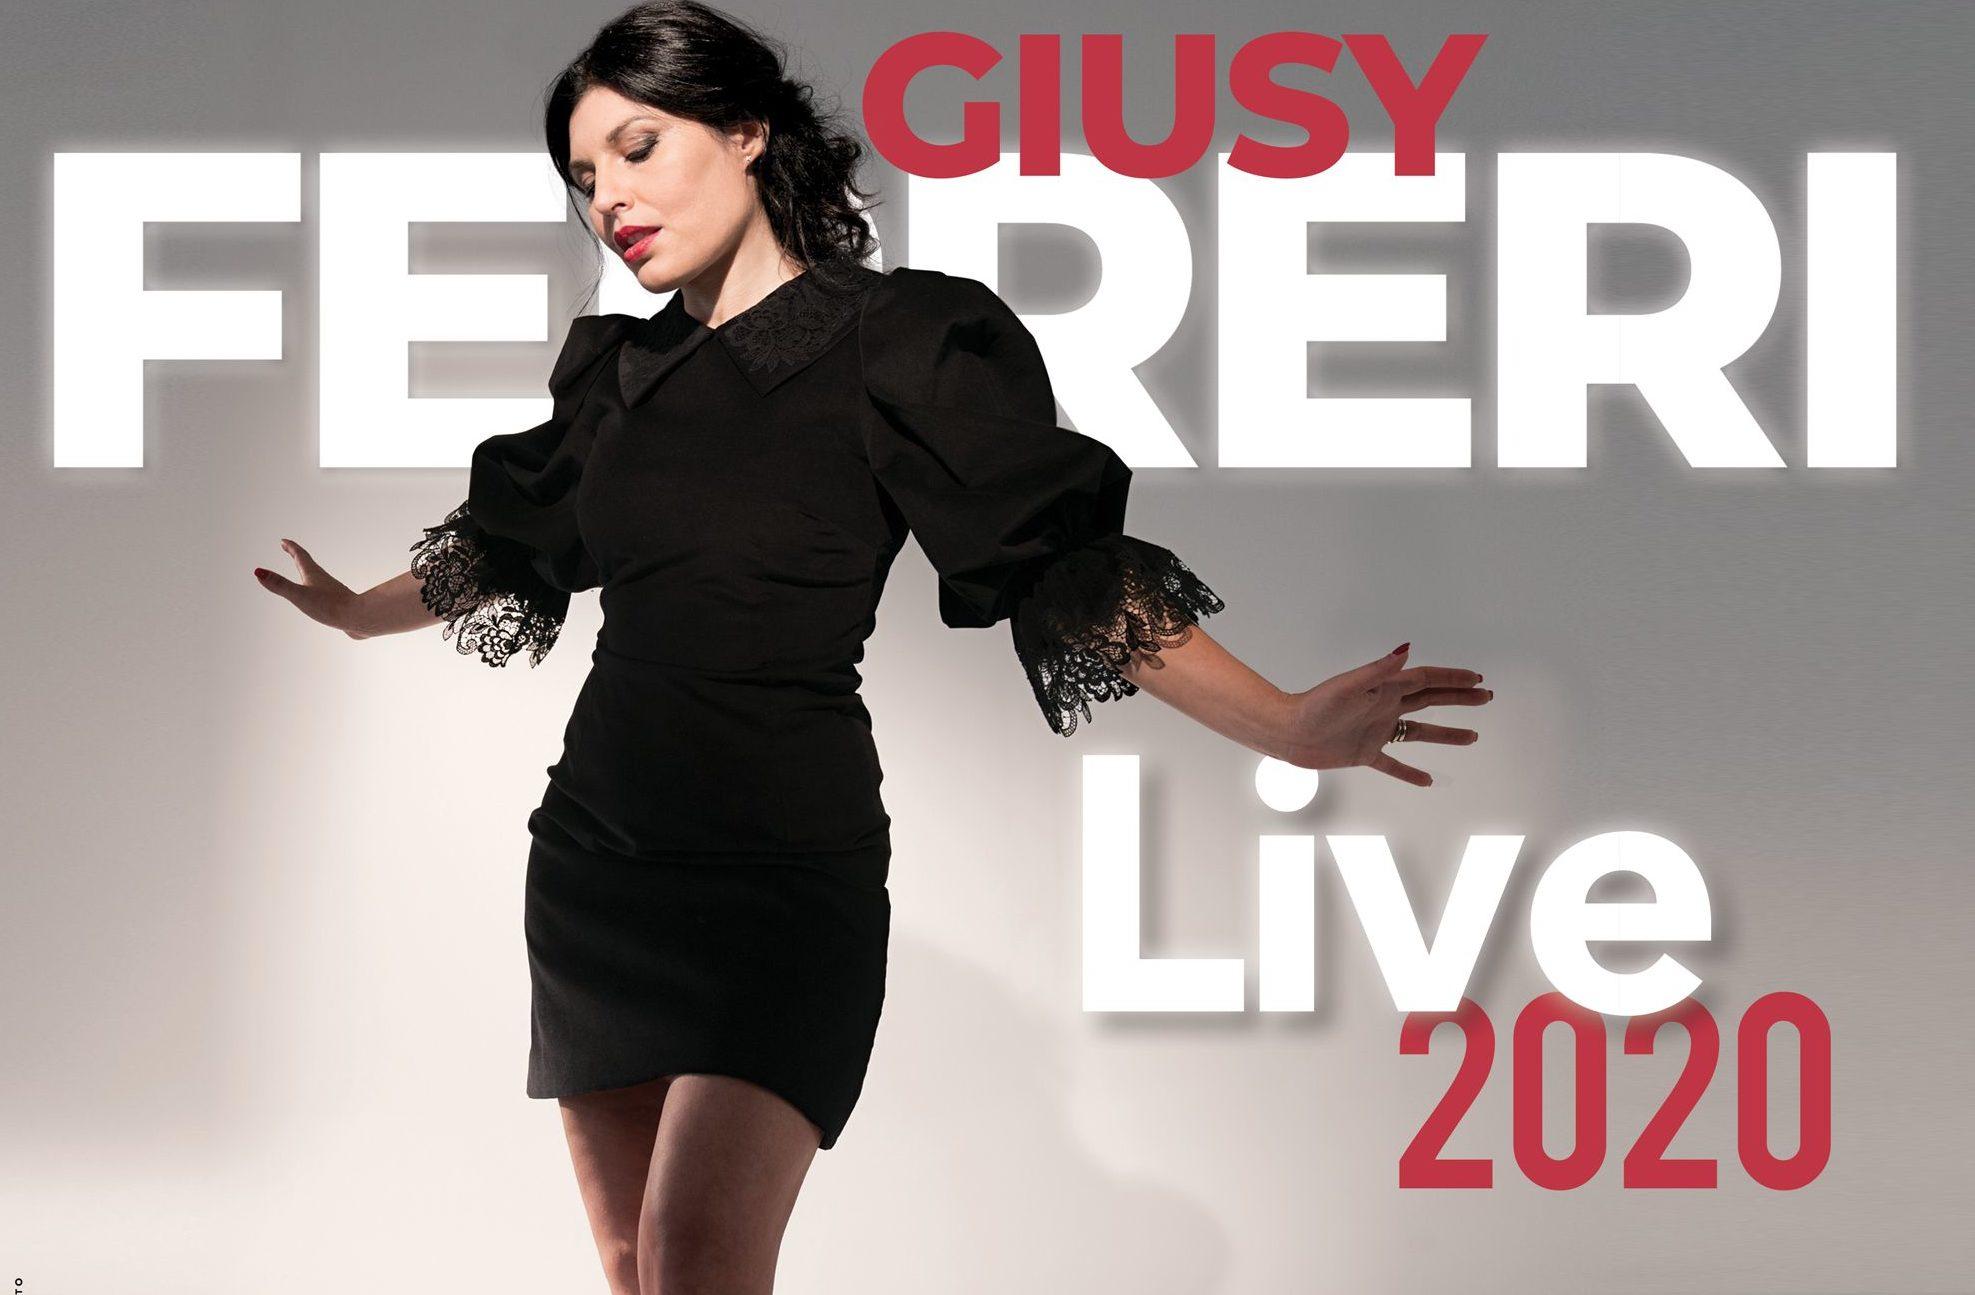 """Rinviato a data da destinarsi il tour """"Giusy Ferreri Live 2020"""""""